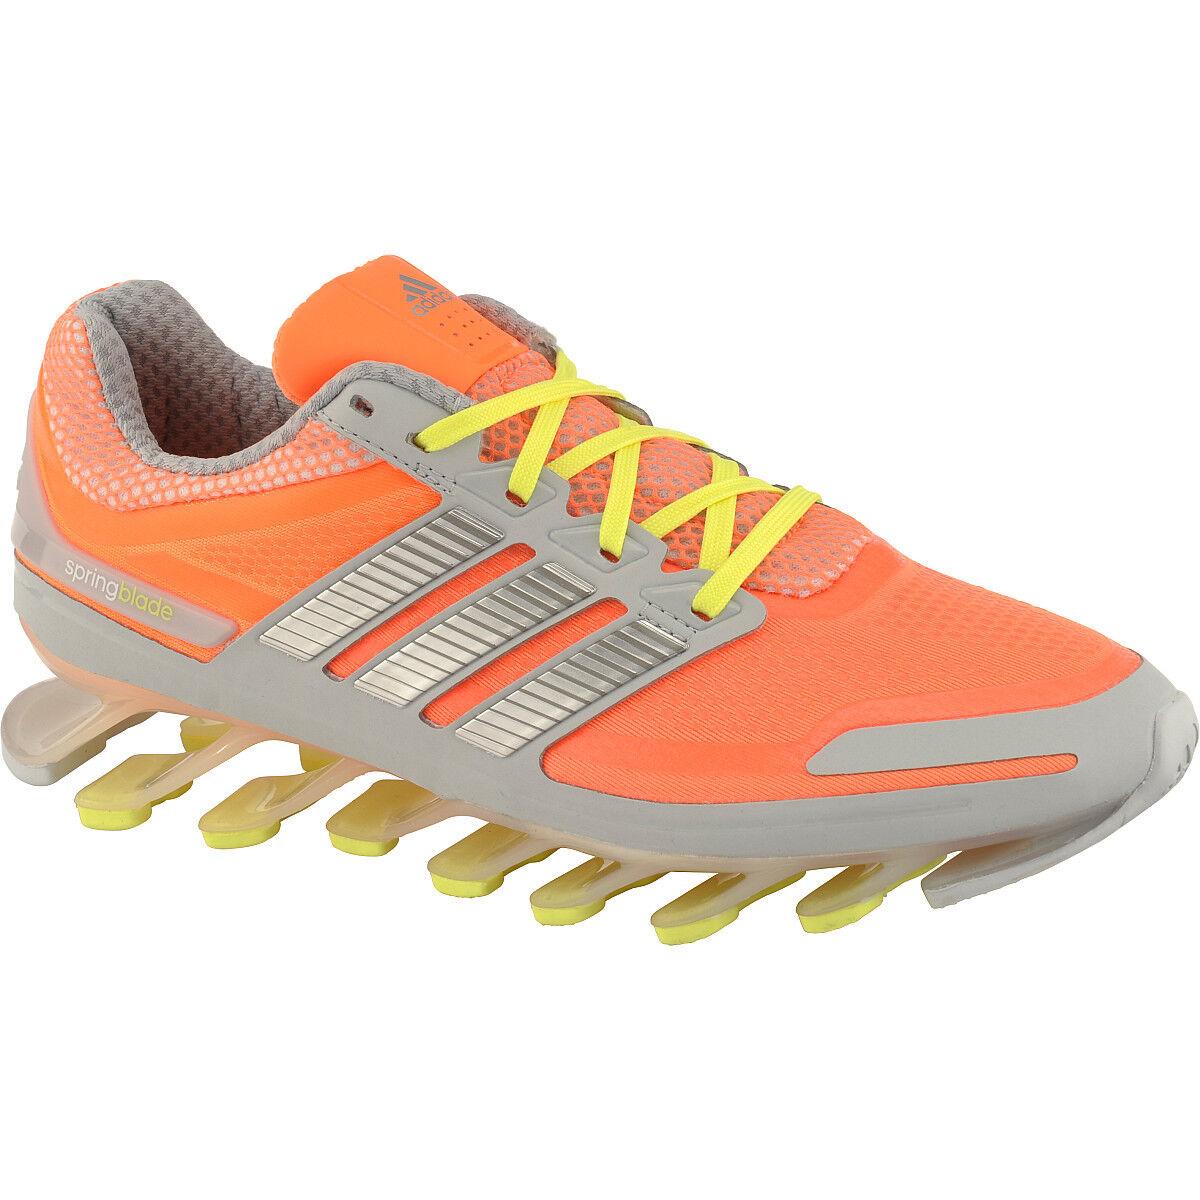 Adidas Springblade Womens Ebay ijsfkz